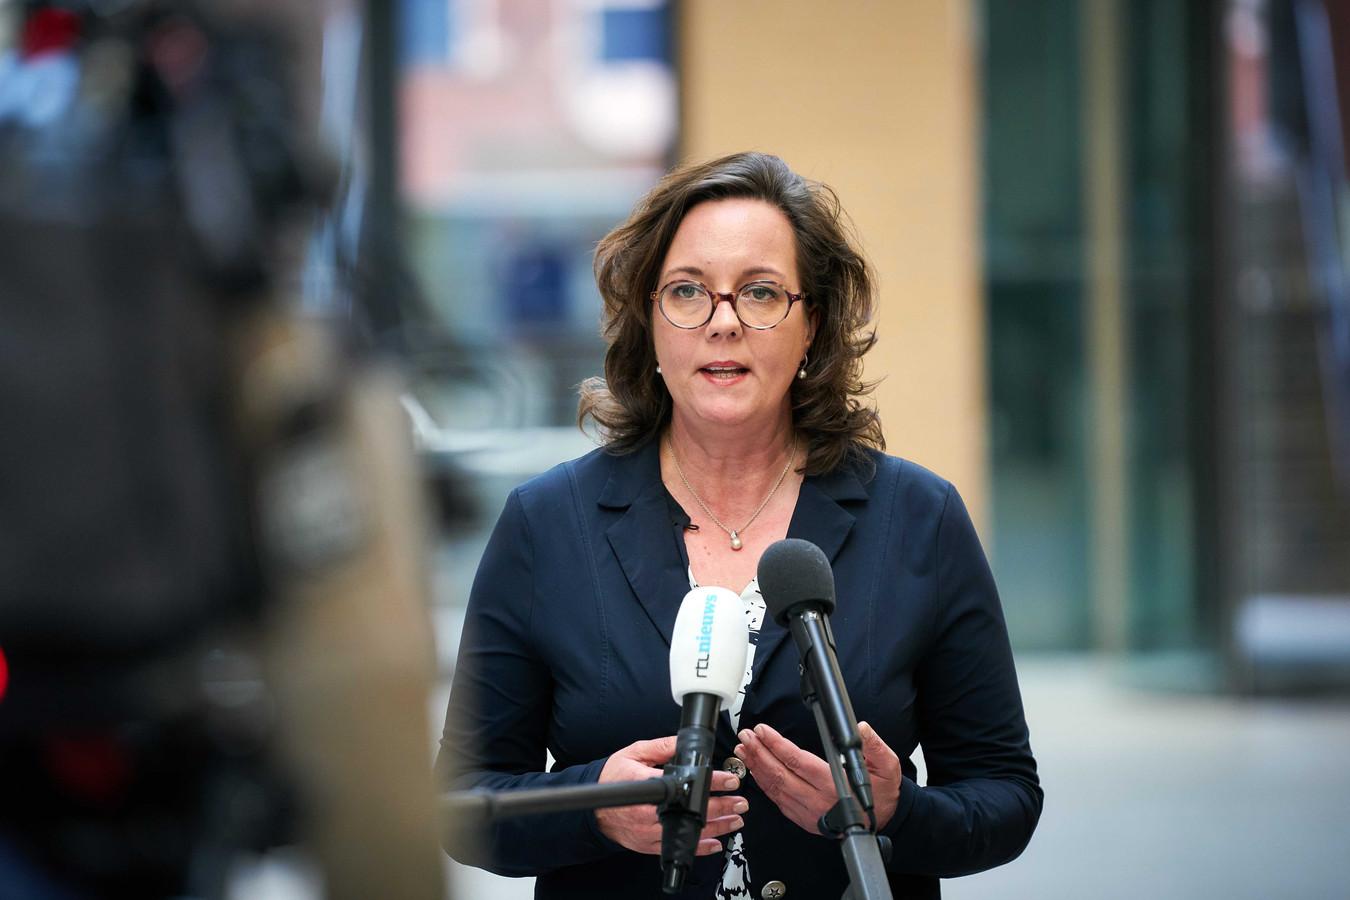 Staatssecretaris Van Ark tijdens de bekendmaking van de tijdelijke ondersteuningsregeling voor zzp'ers.